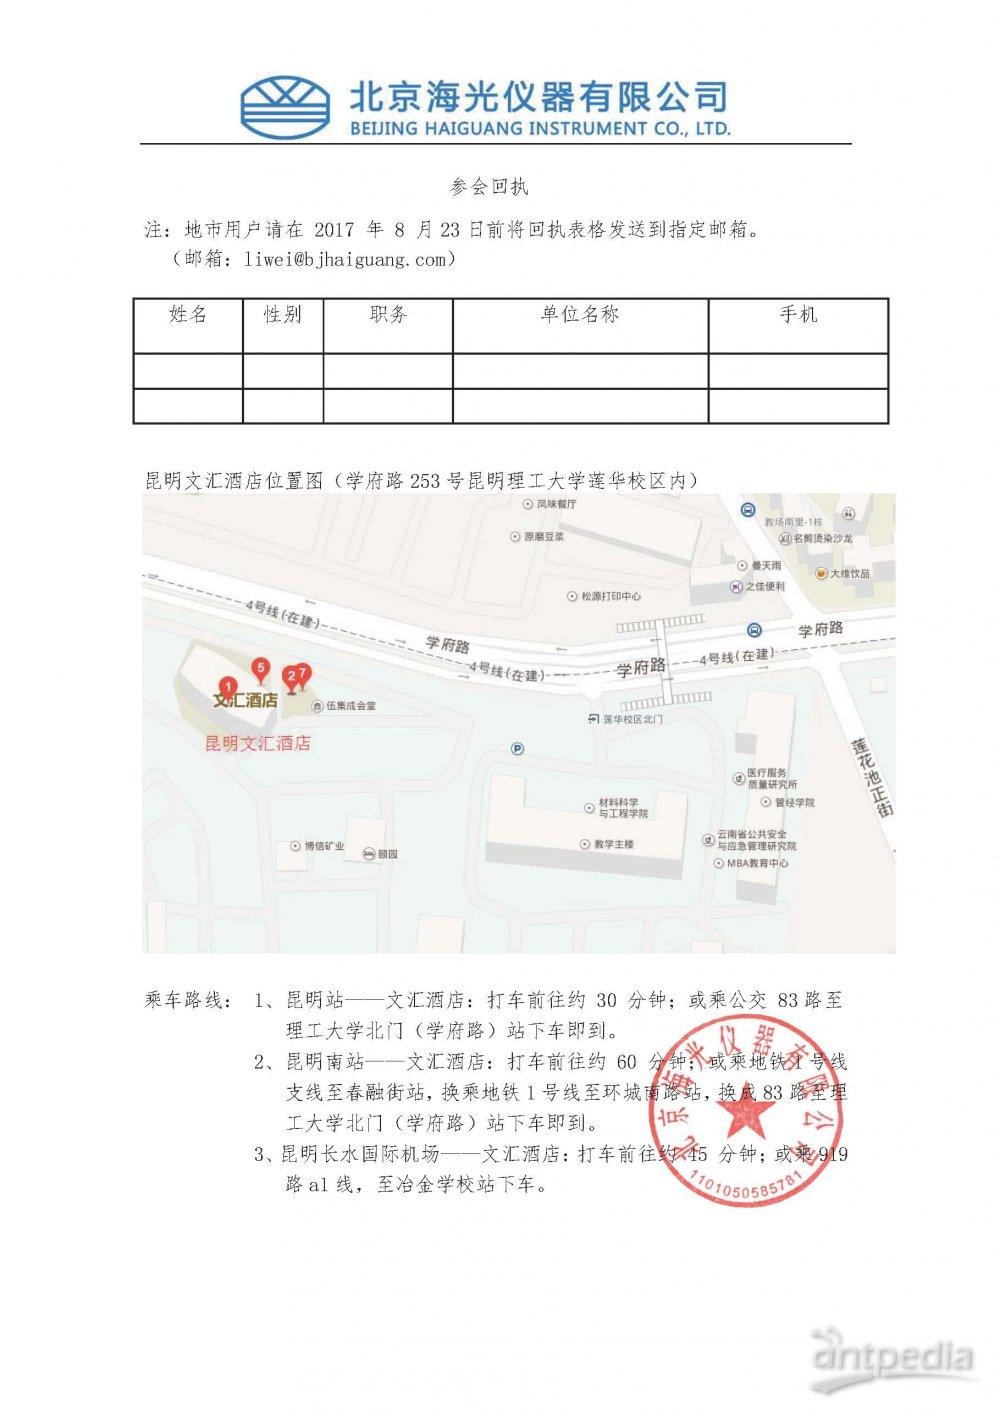 2017年海光仪器昆明荧光研修班邀请函_页面_2.jpg